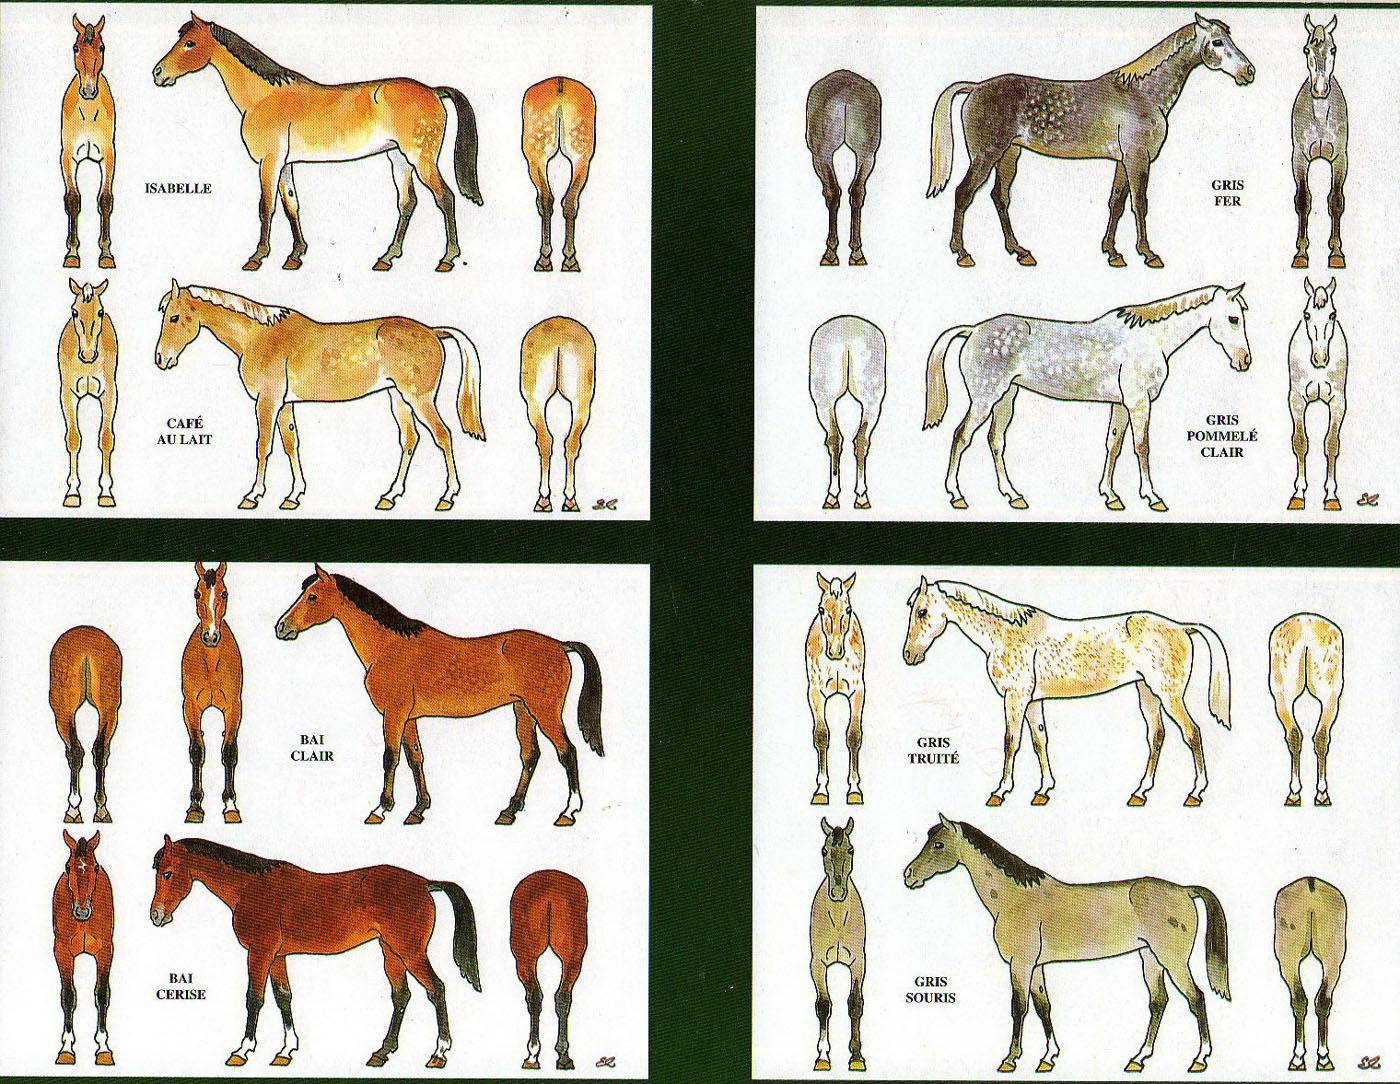 Les robes des chevaux par Eugène lelièpvre  ChevauxColor001_J